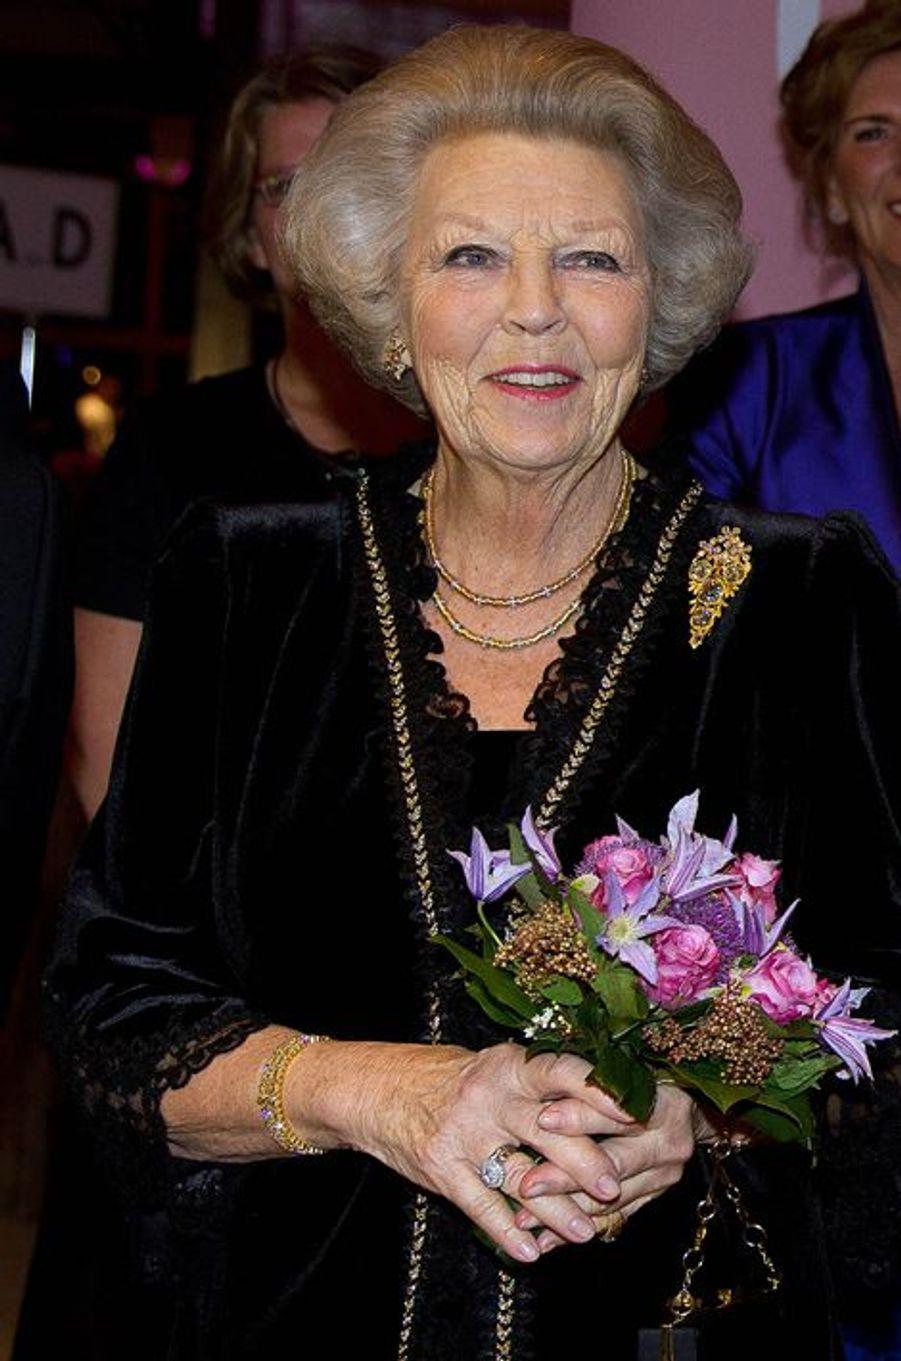 La princesse Beatrix des Pays-Bas à La Haye, le 28 janvier 2016